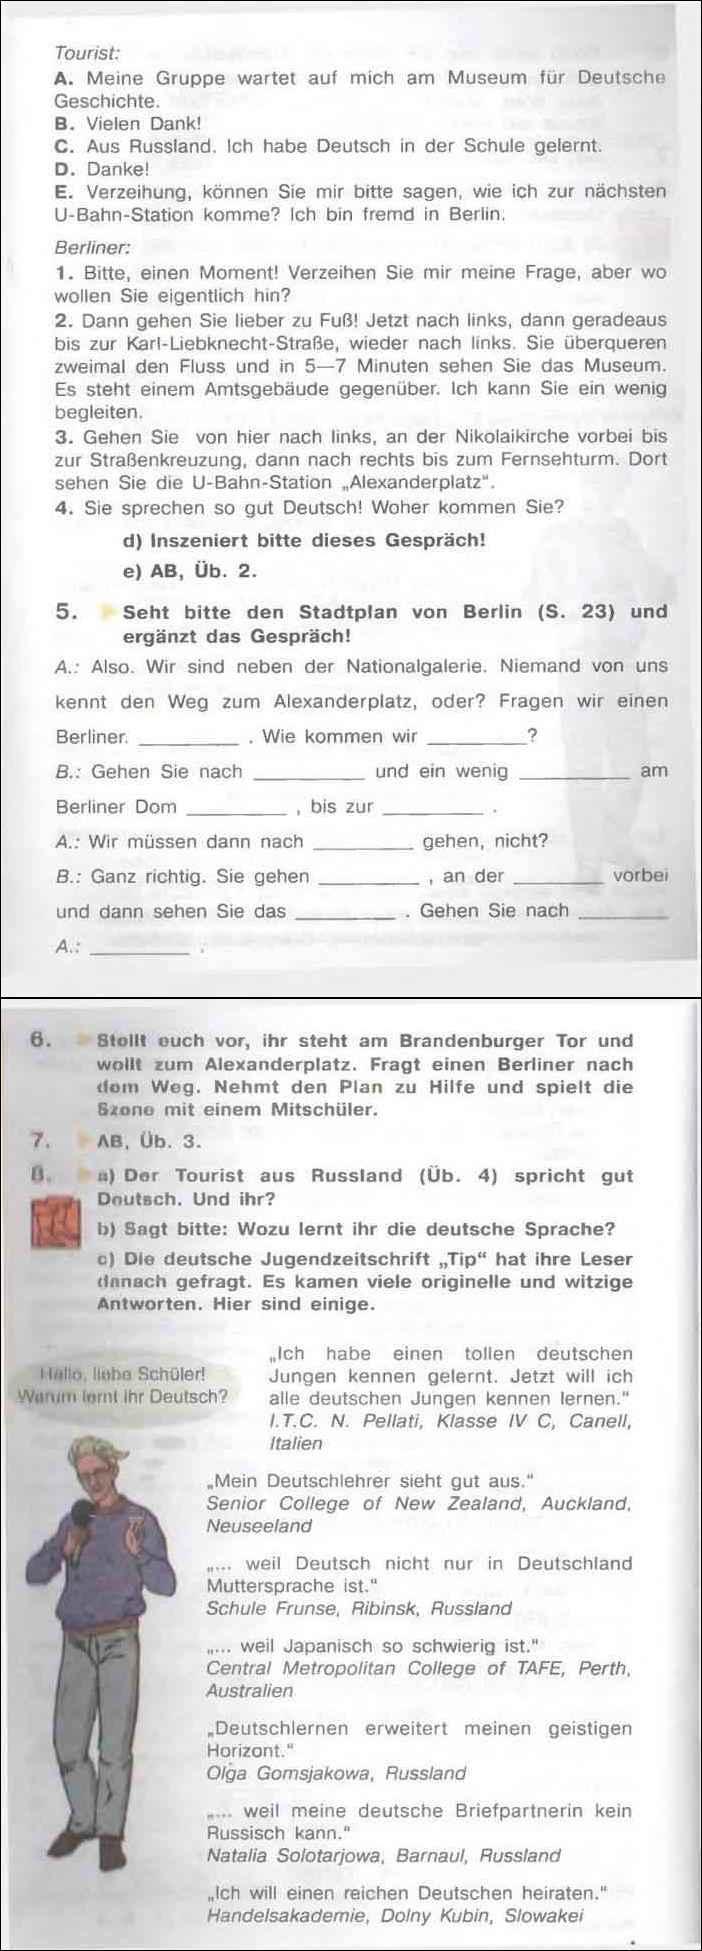 учебник немецкий язык 10 класс бим садомова лытаева читать